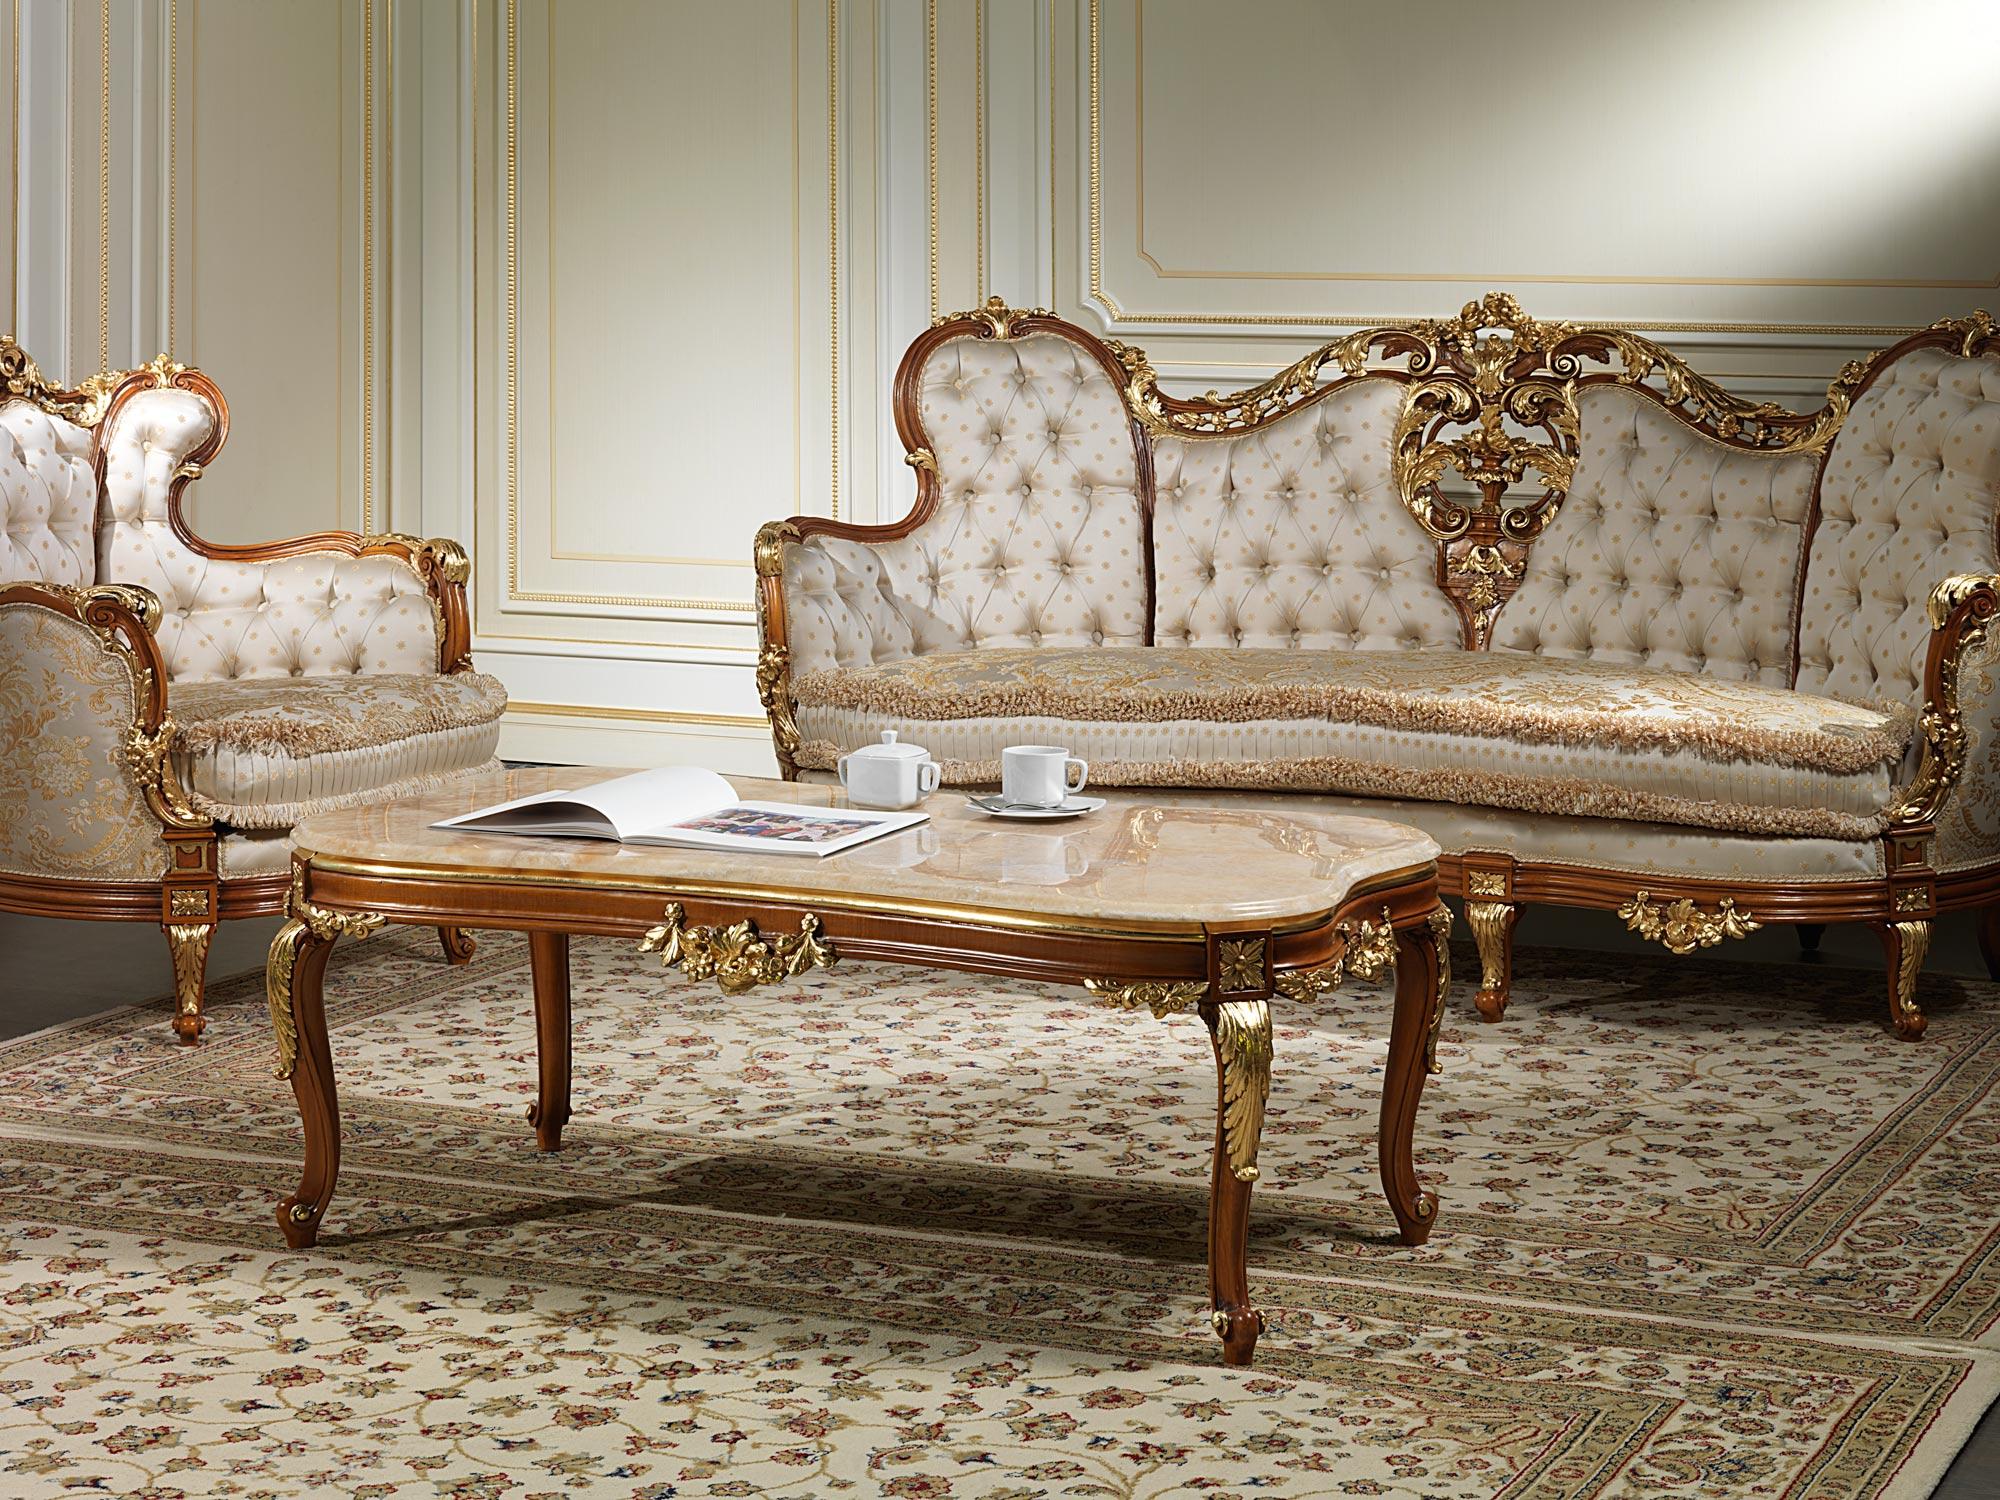 divani 800 di produzione artigianale e in stile classico. Black Bedroom Furniture Sets. Home Design Ideas